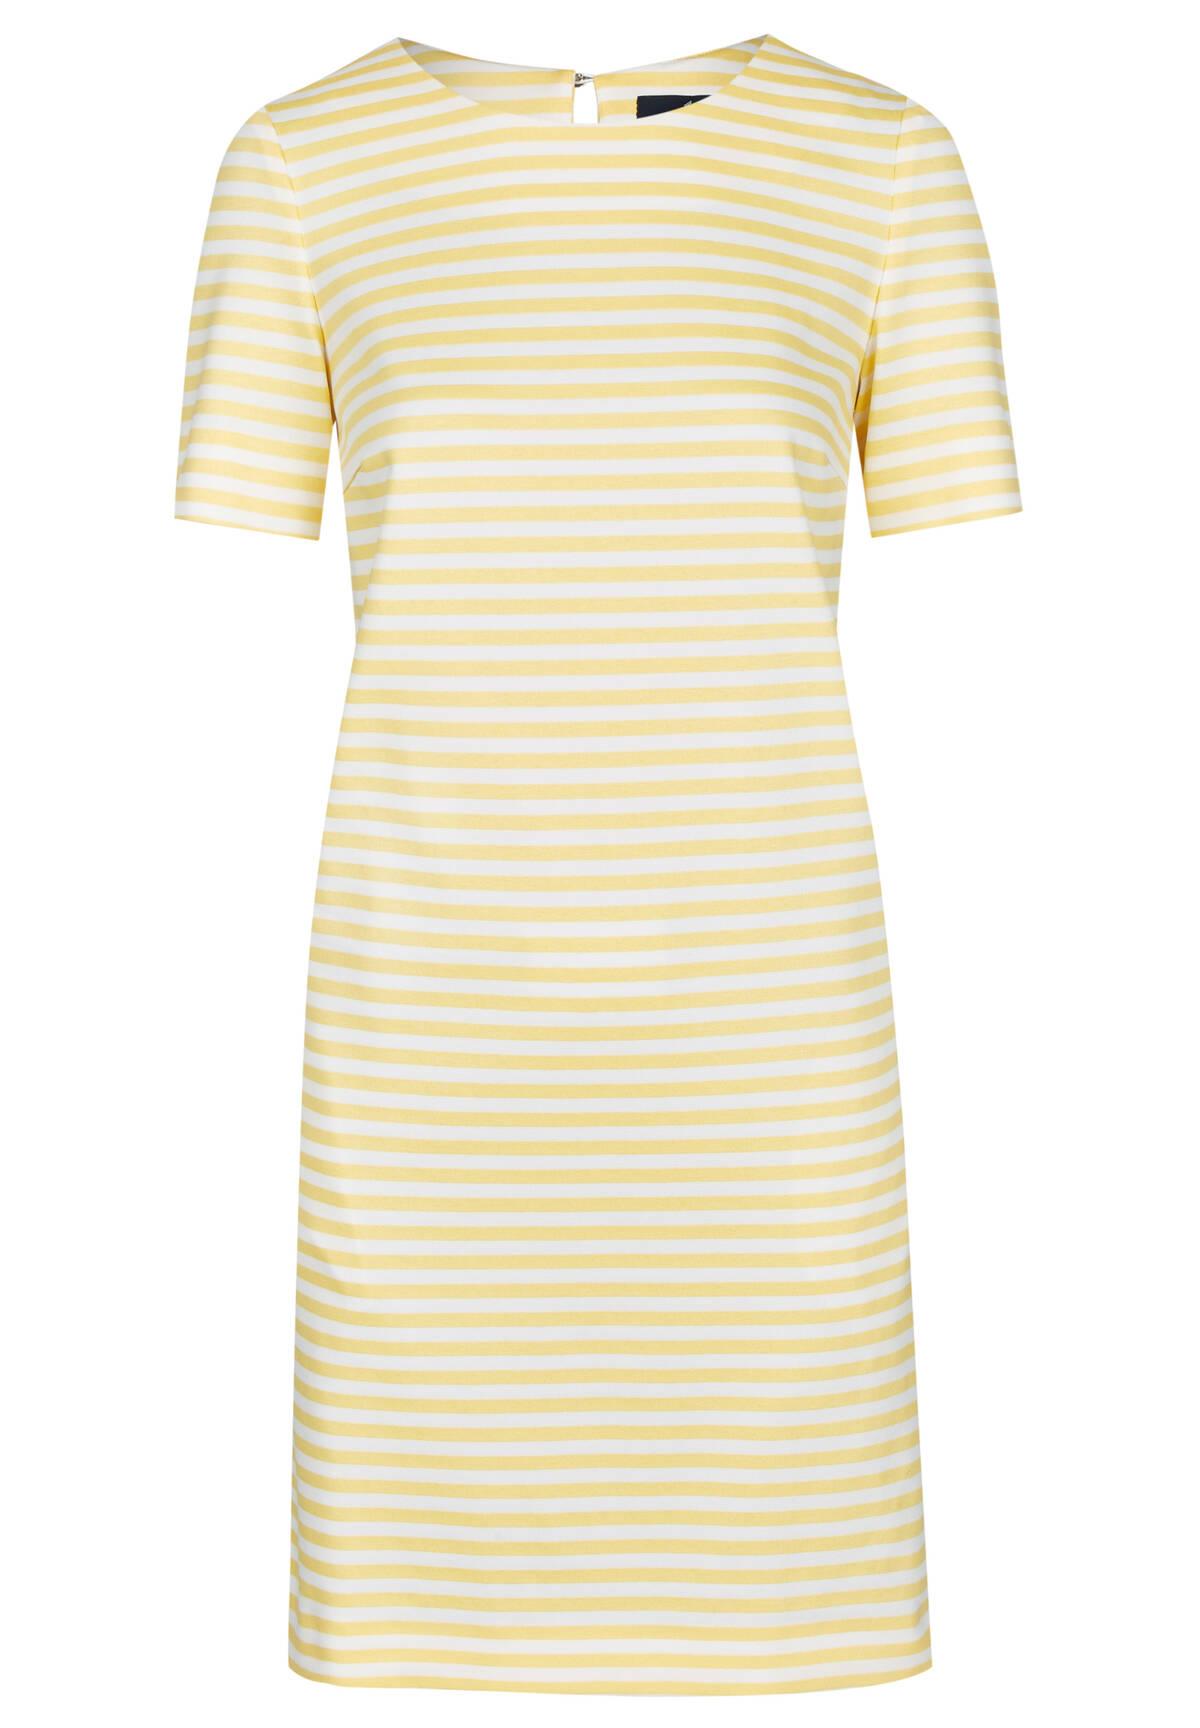 Sportives Kleid mit Querstreifen / Dress